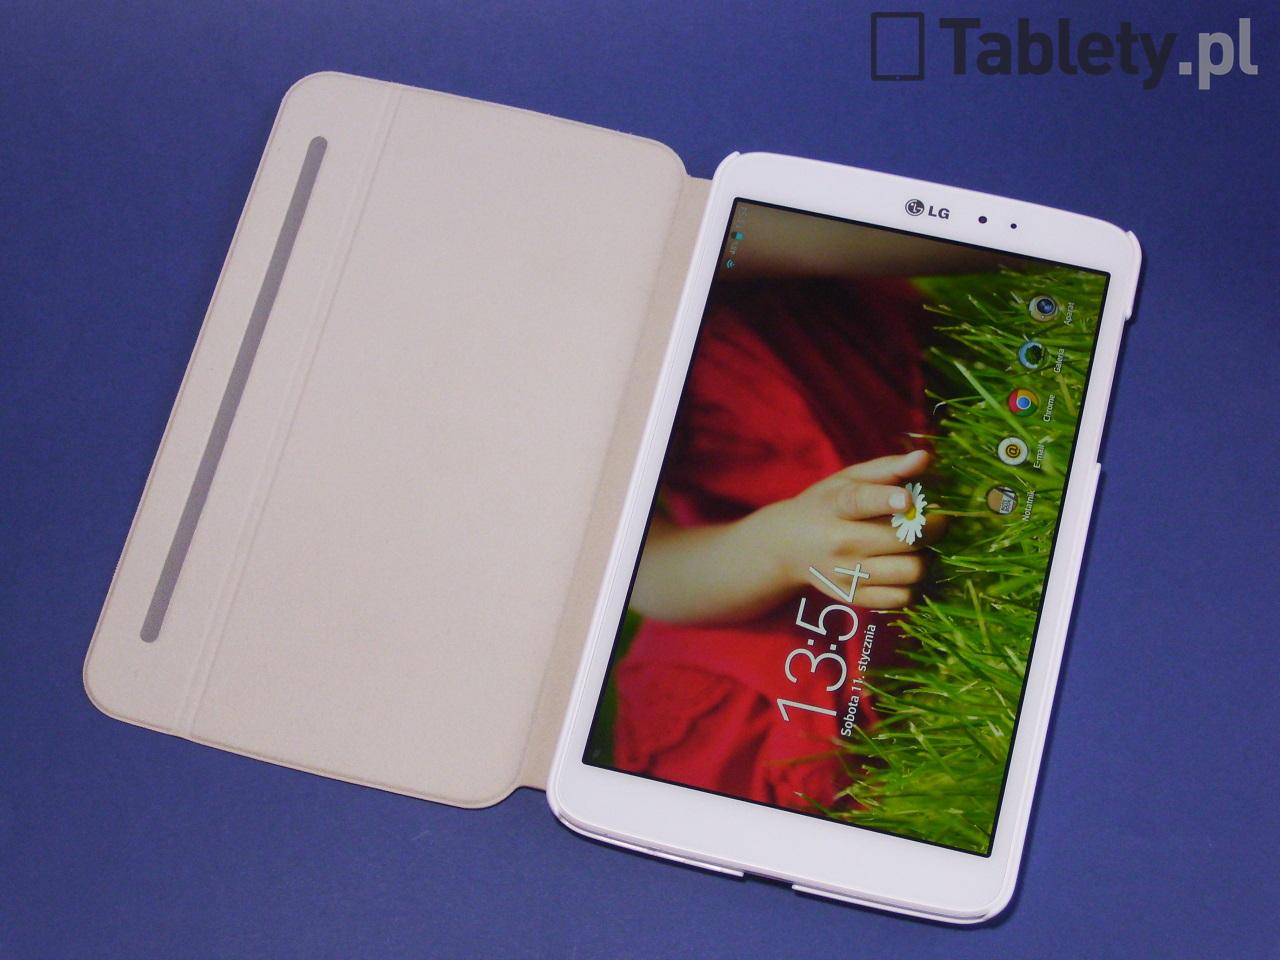 LG G Pad 8.3 13